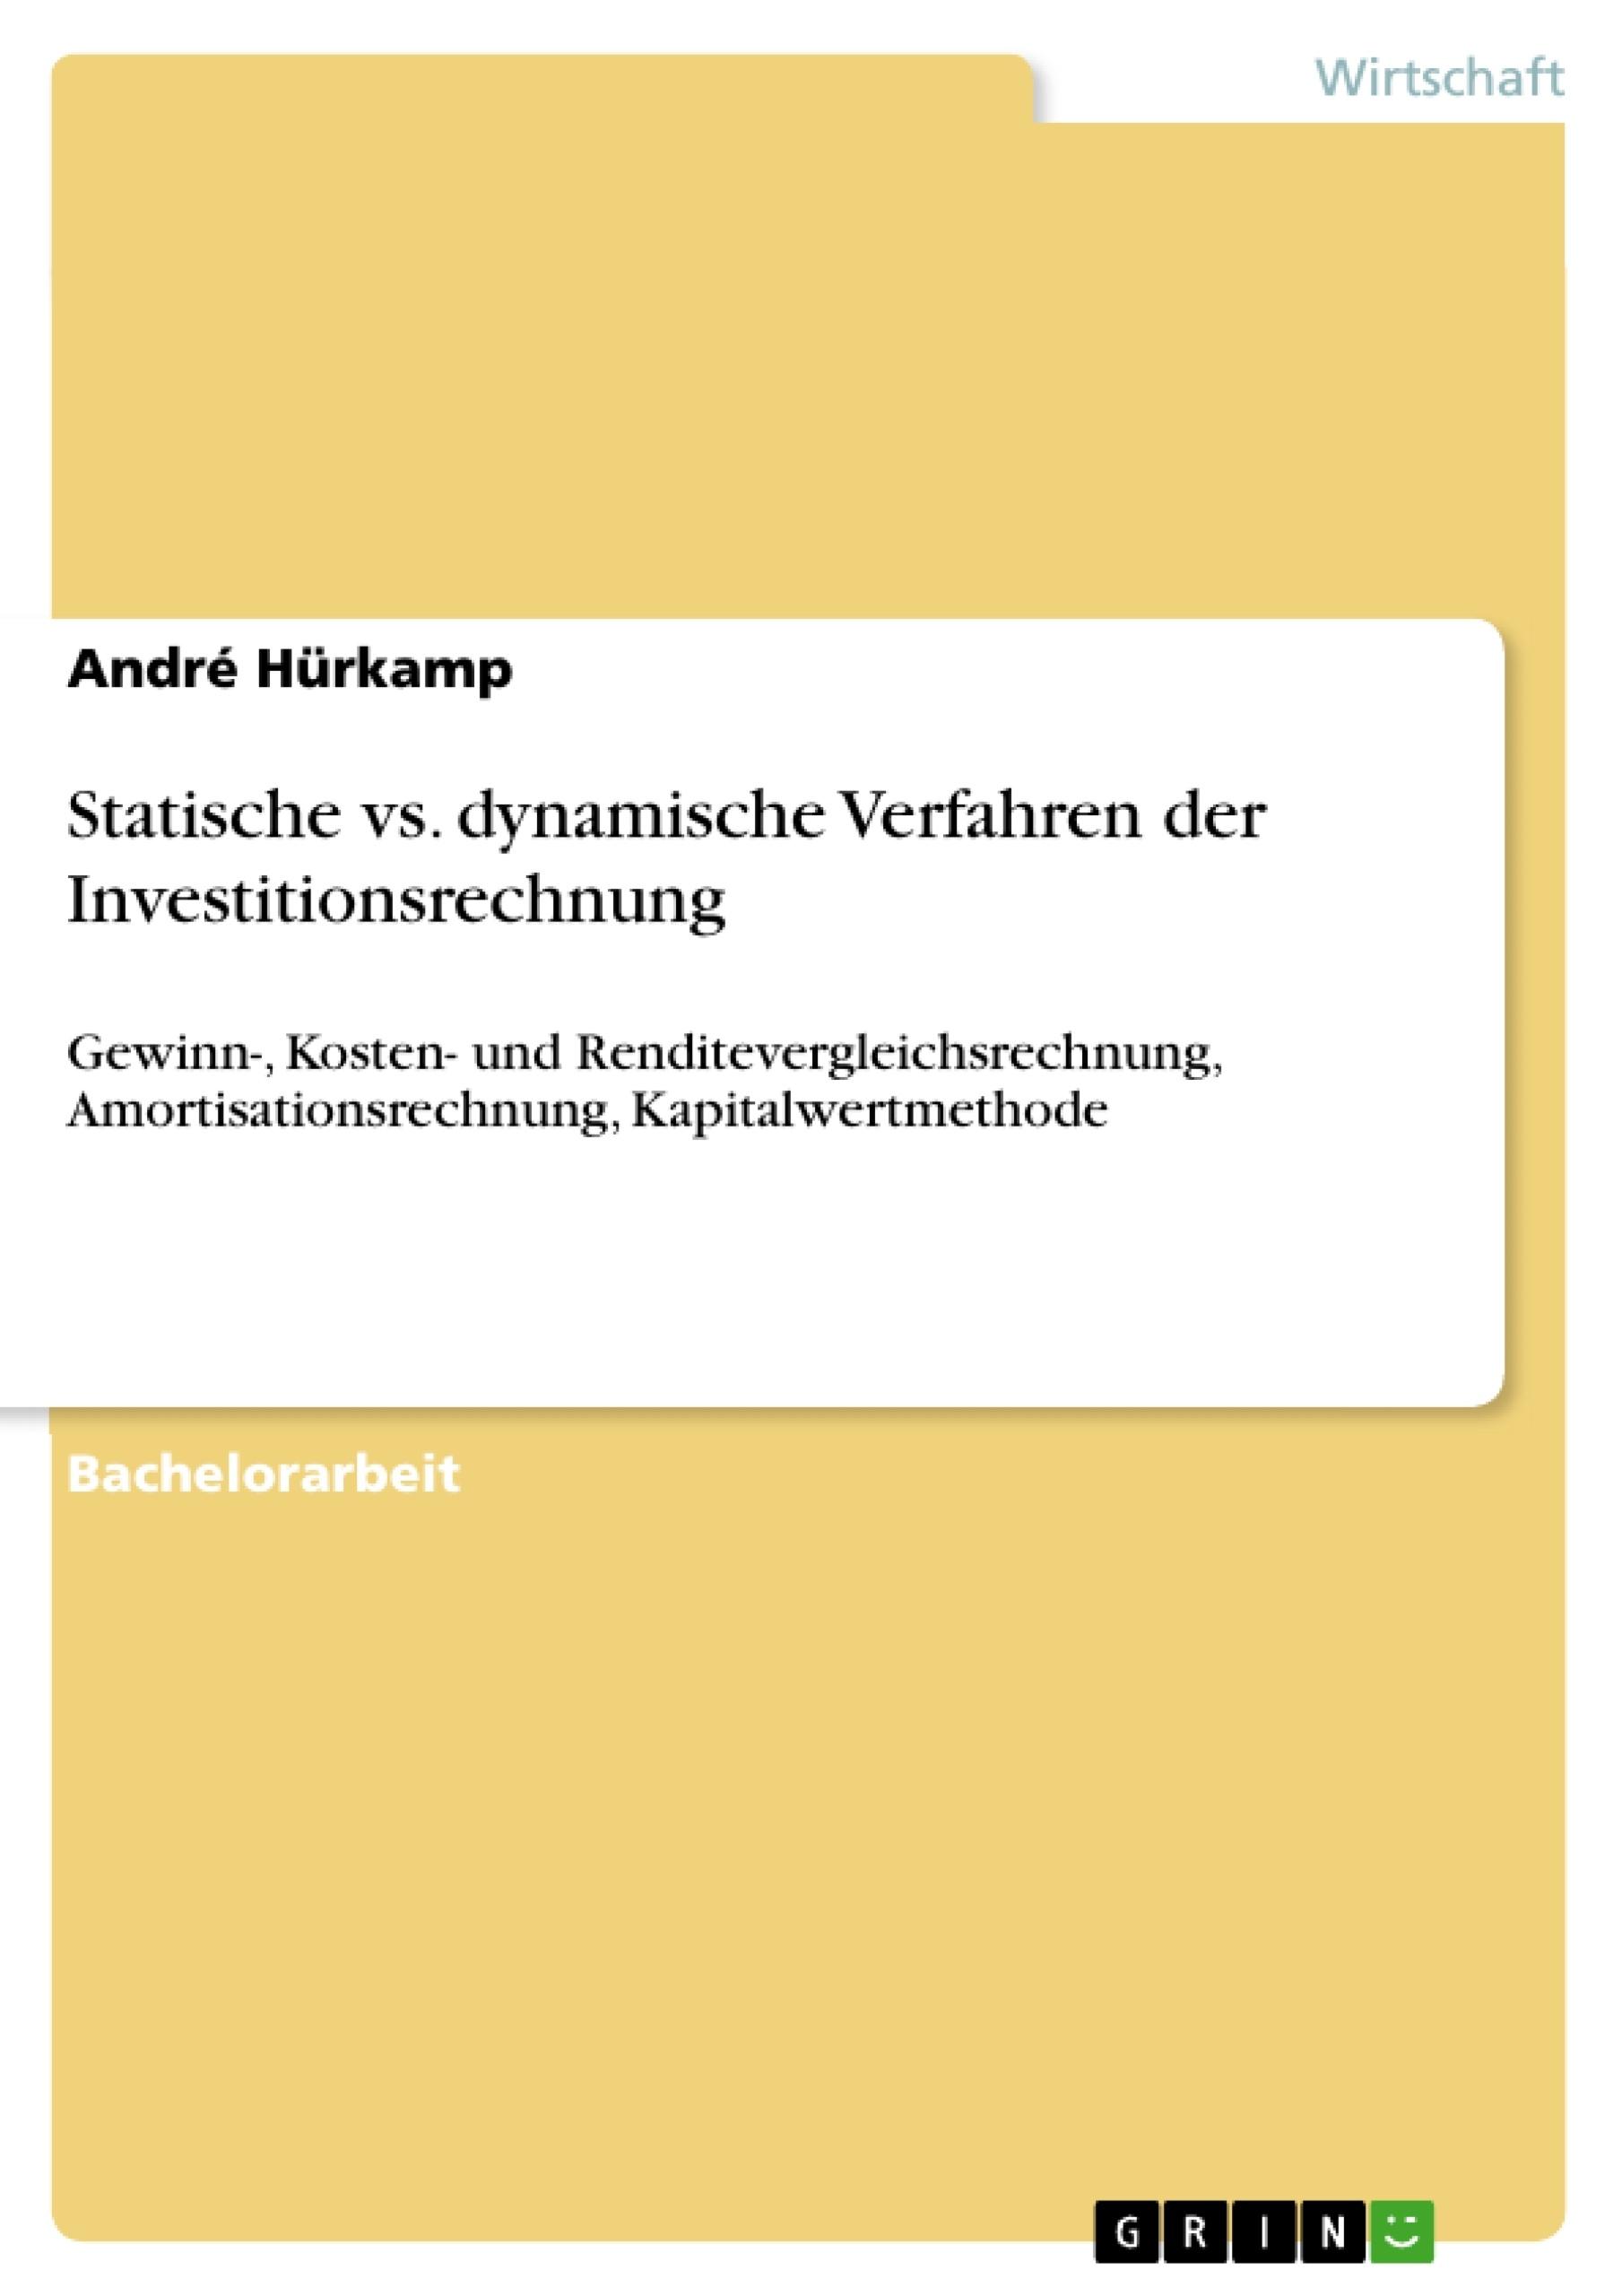 Titel: Statische vs. dynamische Verfahren der Investitionsrechnung